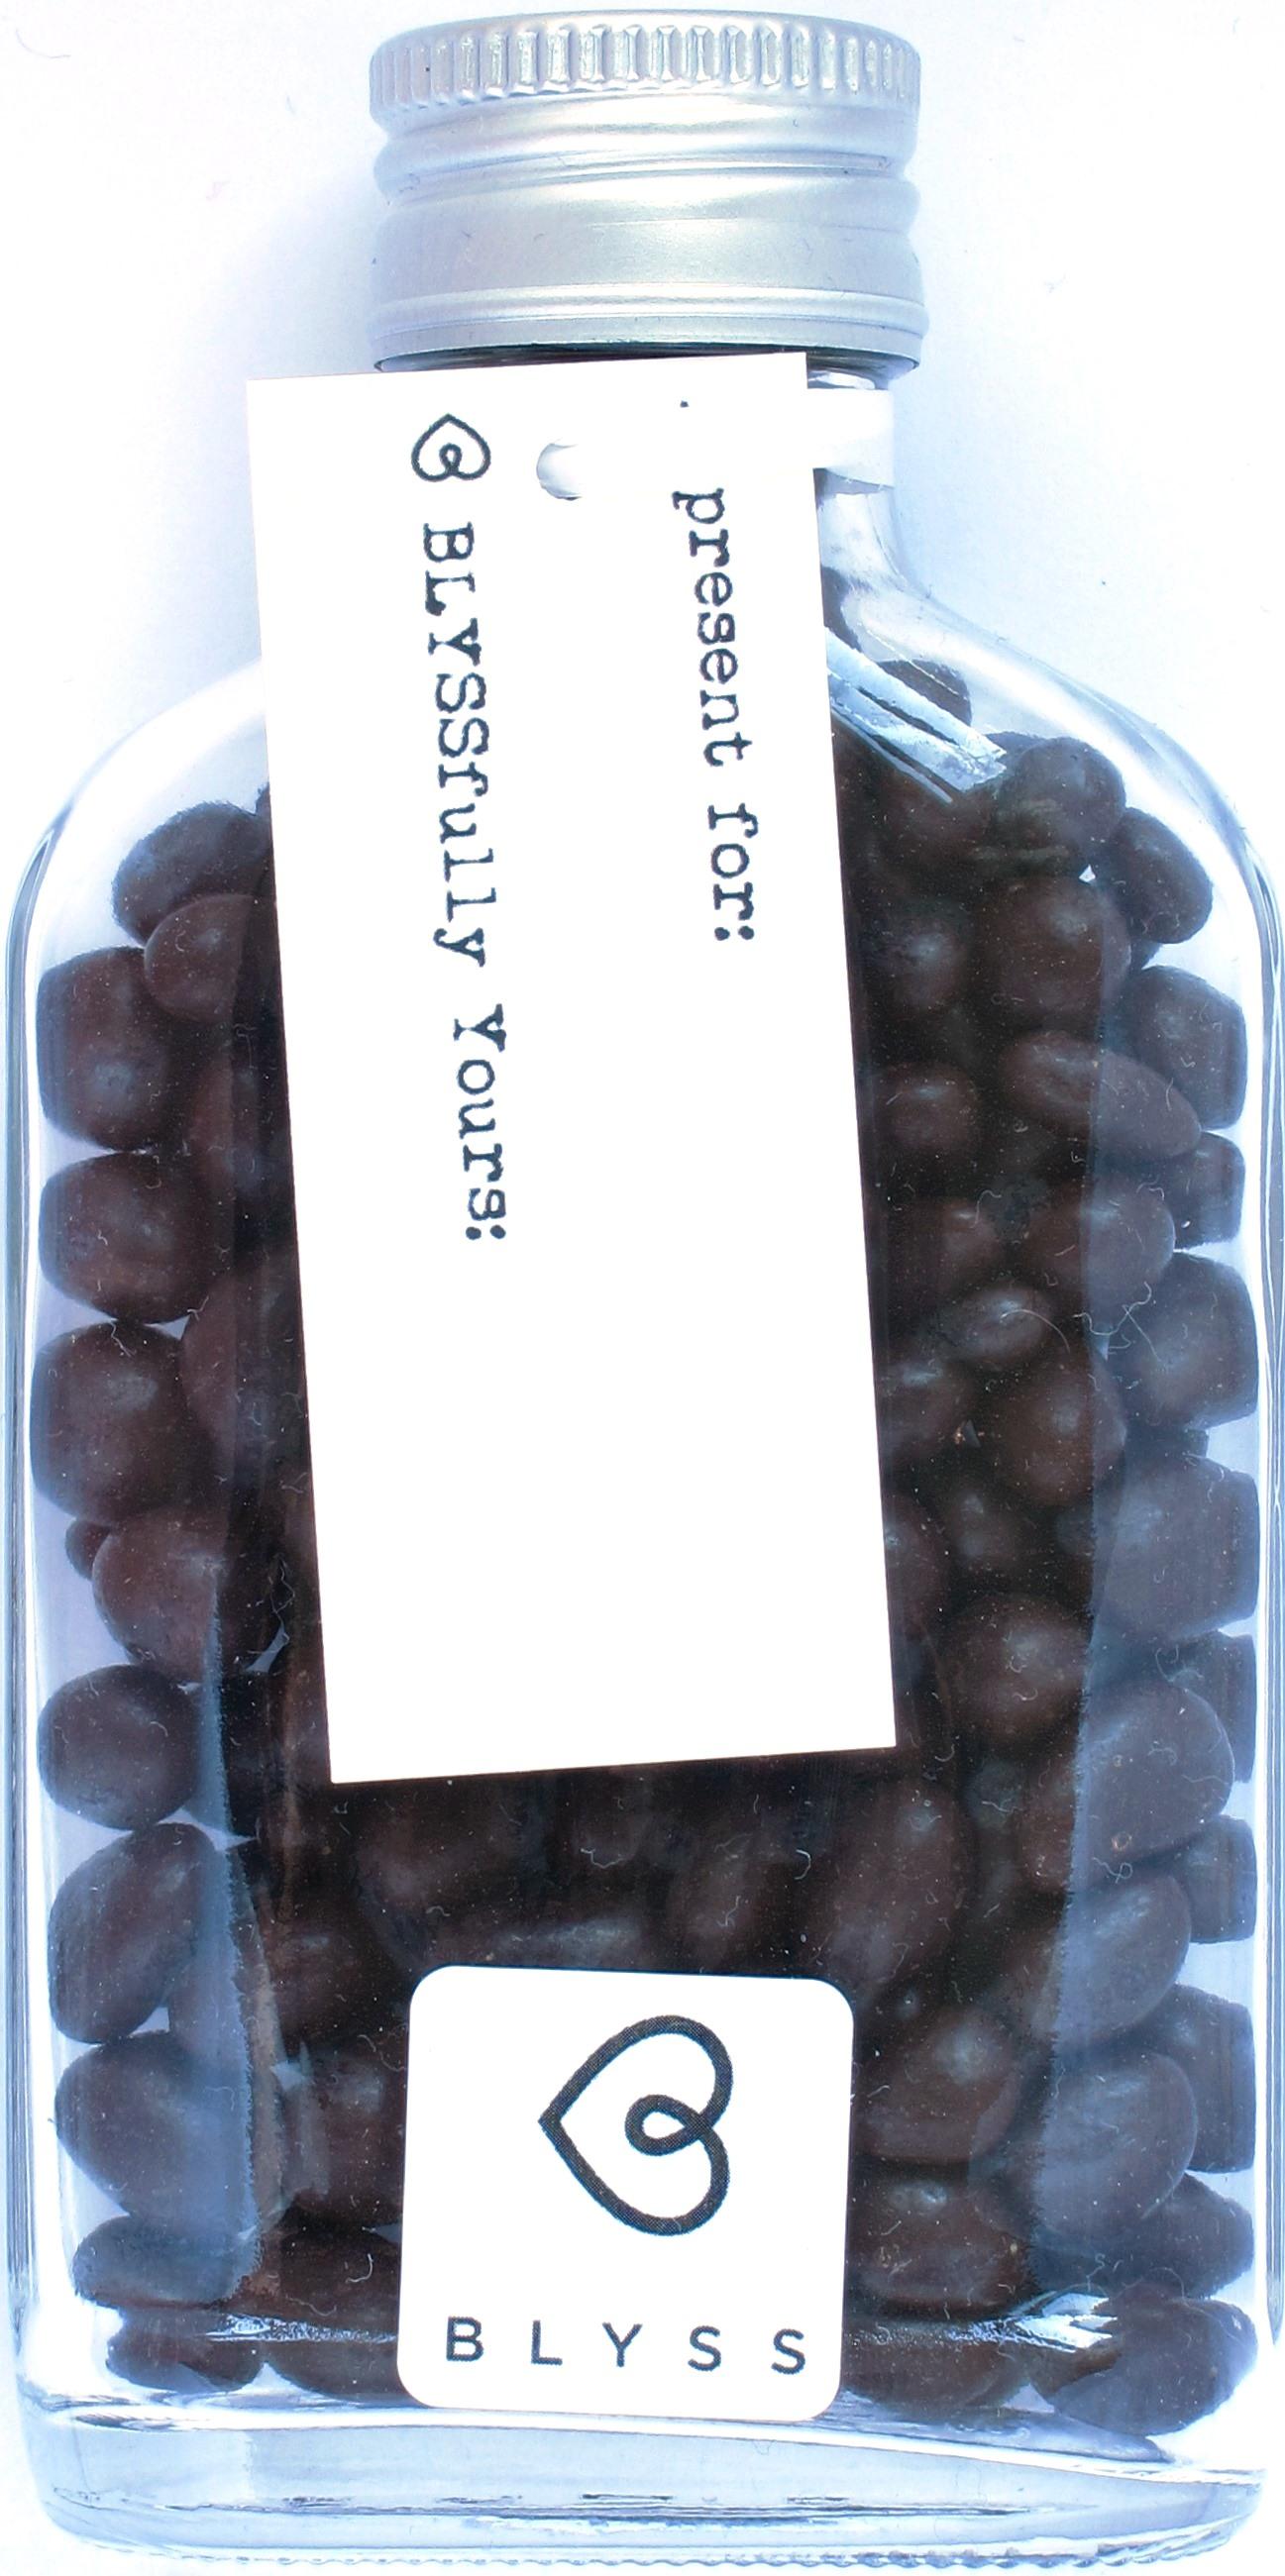 Blyss Geschenkflasche: Schokolade mit Beeren